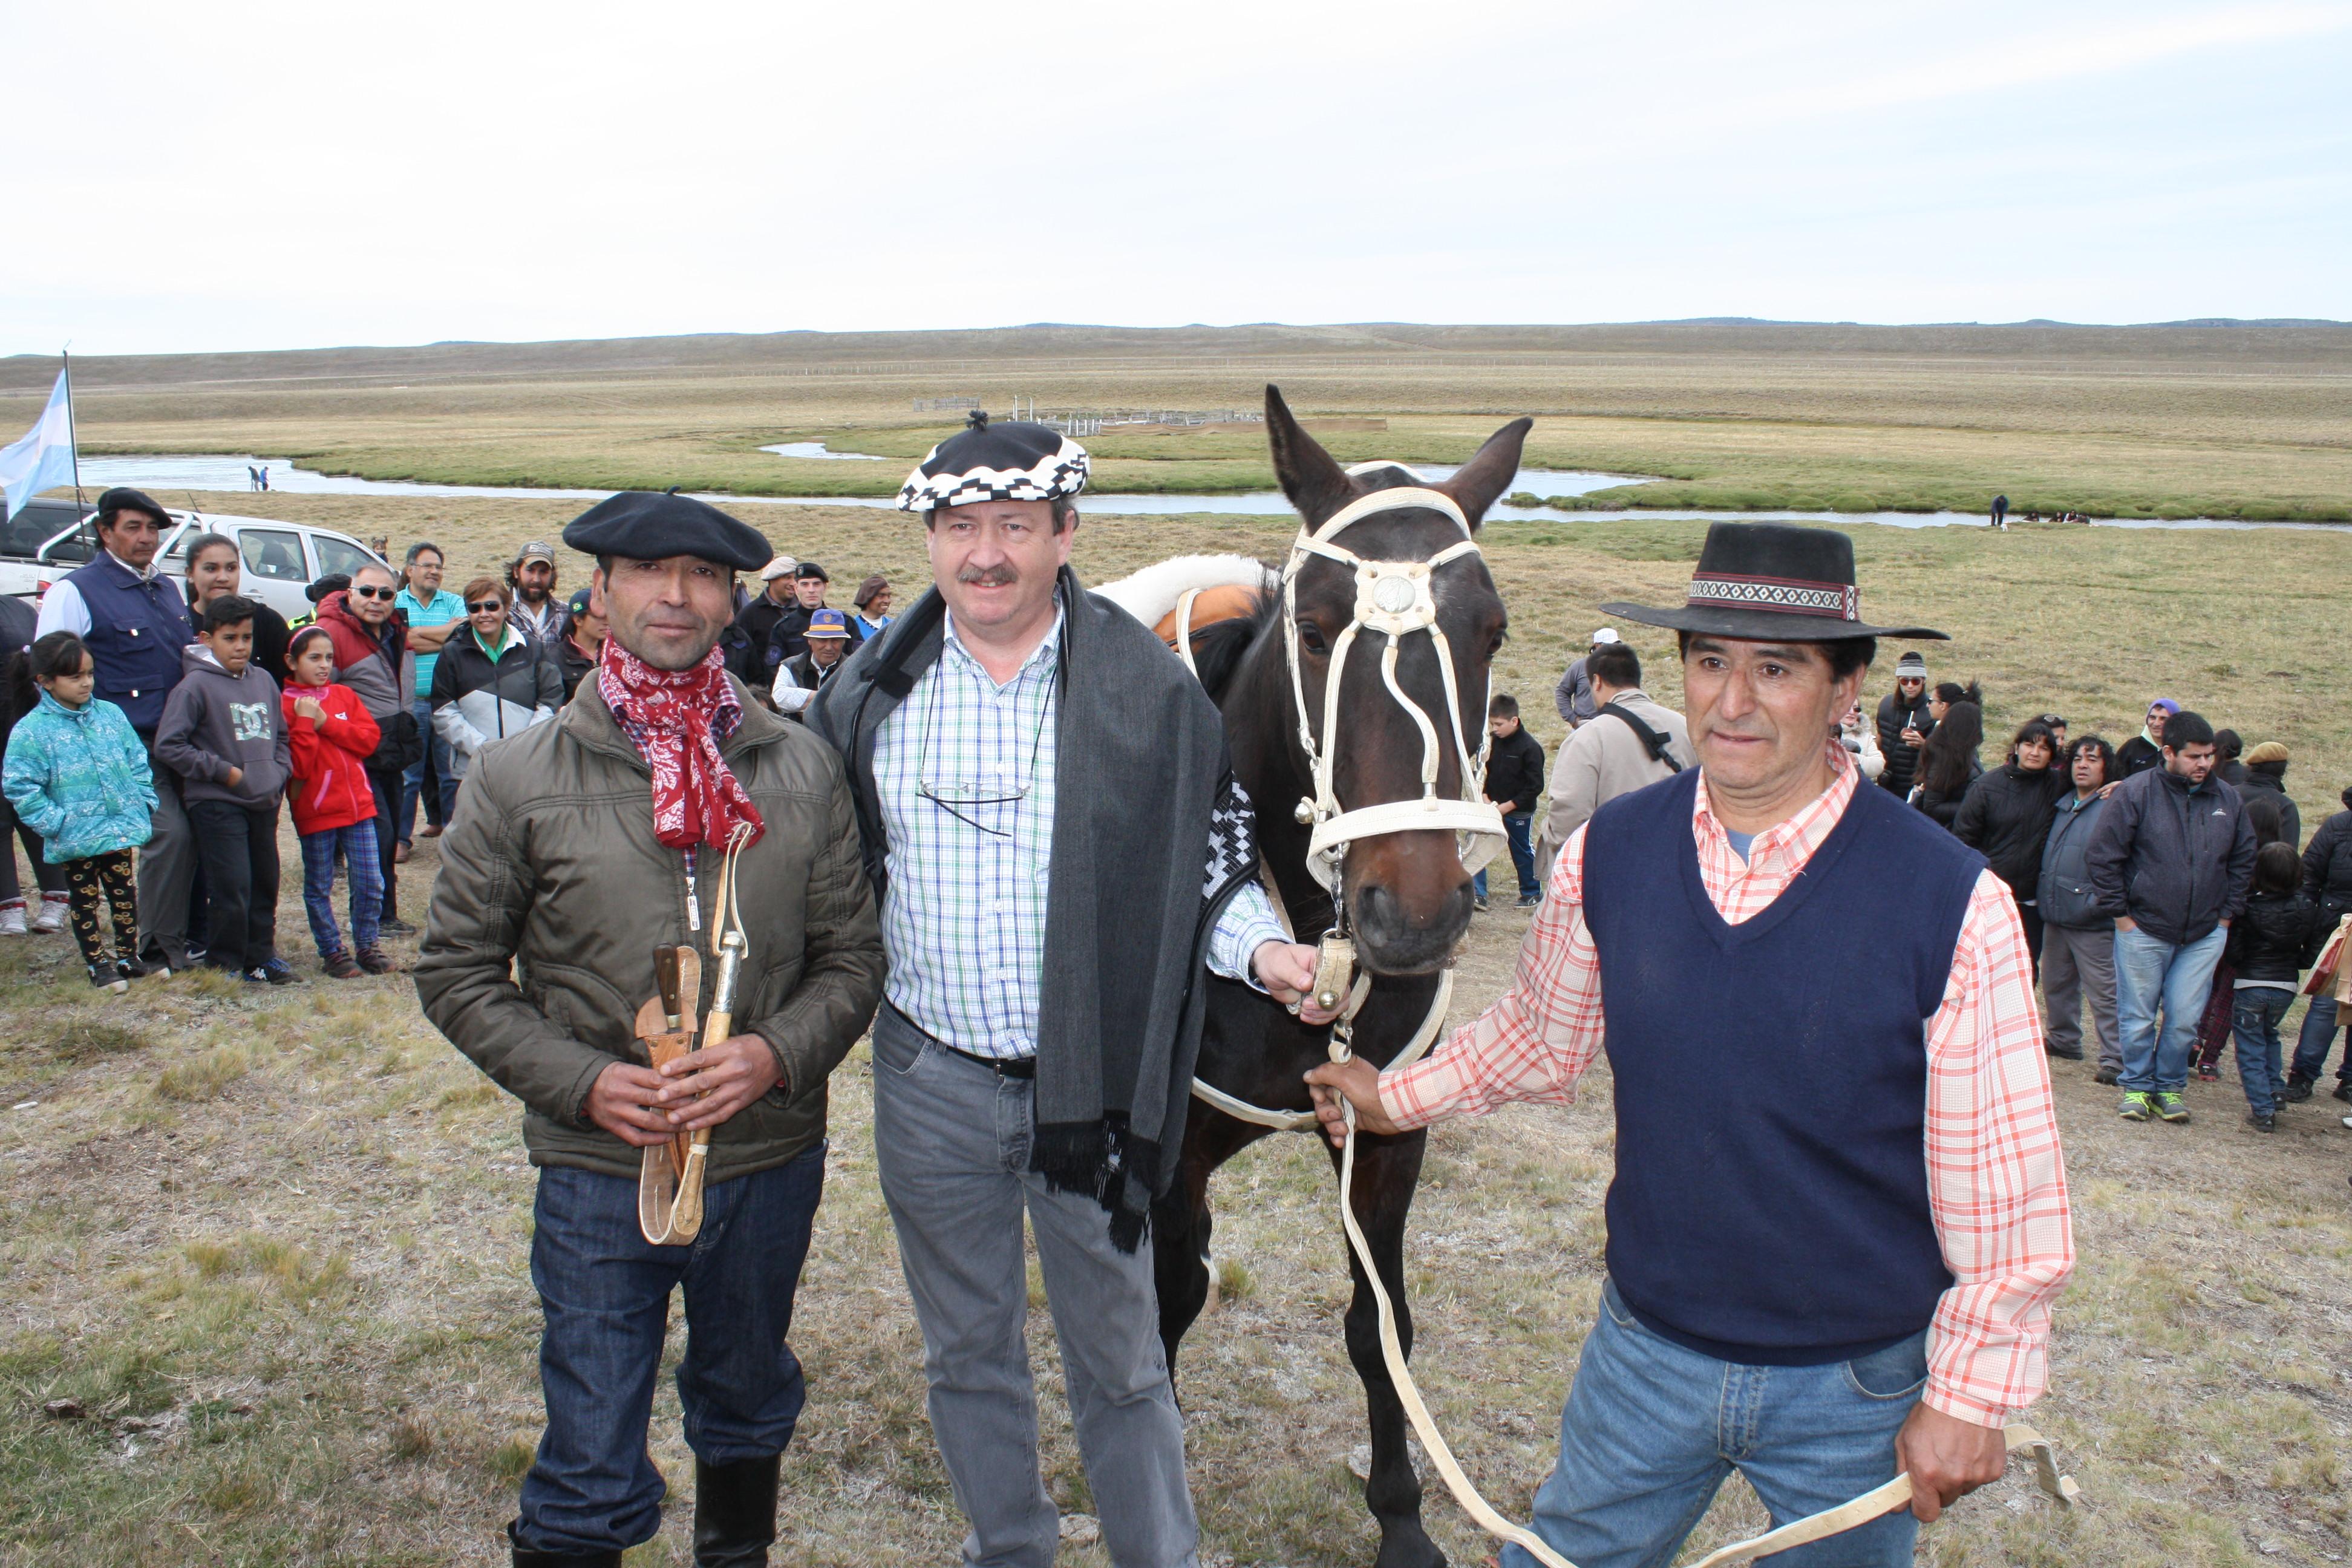 Alcalde de la comuna de Primavera Blagomir Brztilo, con capital en Cerro Sombrero, durante la visita que efectuó durante la presentación de las actividades realizadas para el 'Día del Ovejero'.